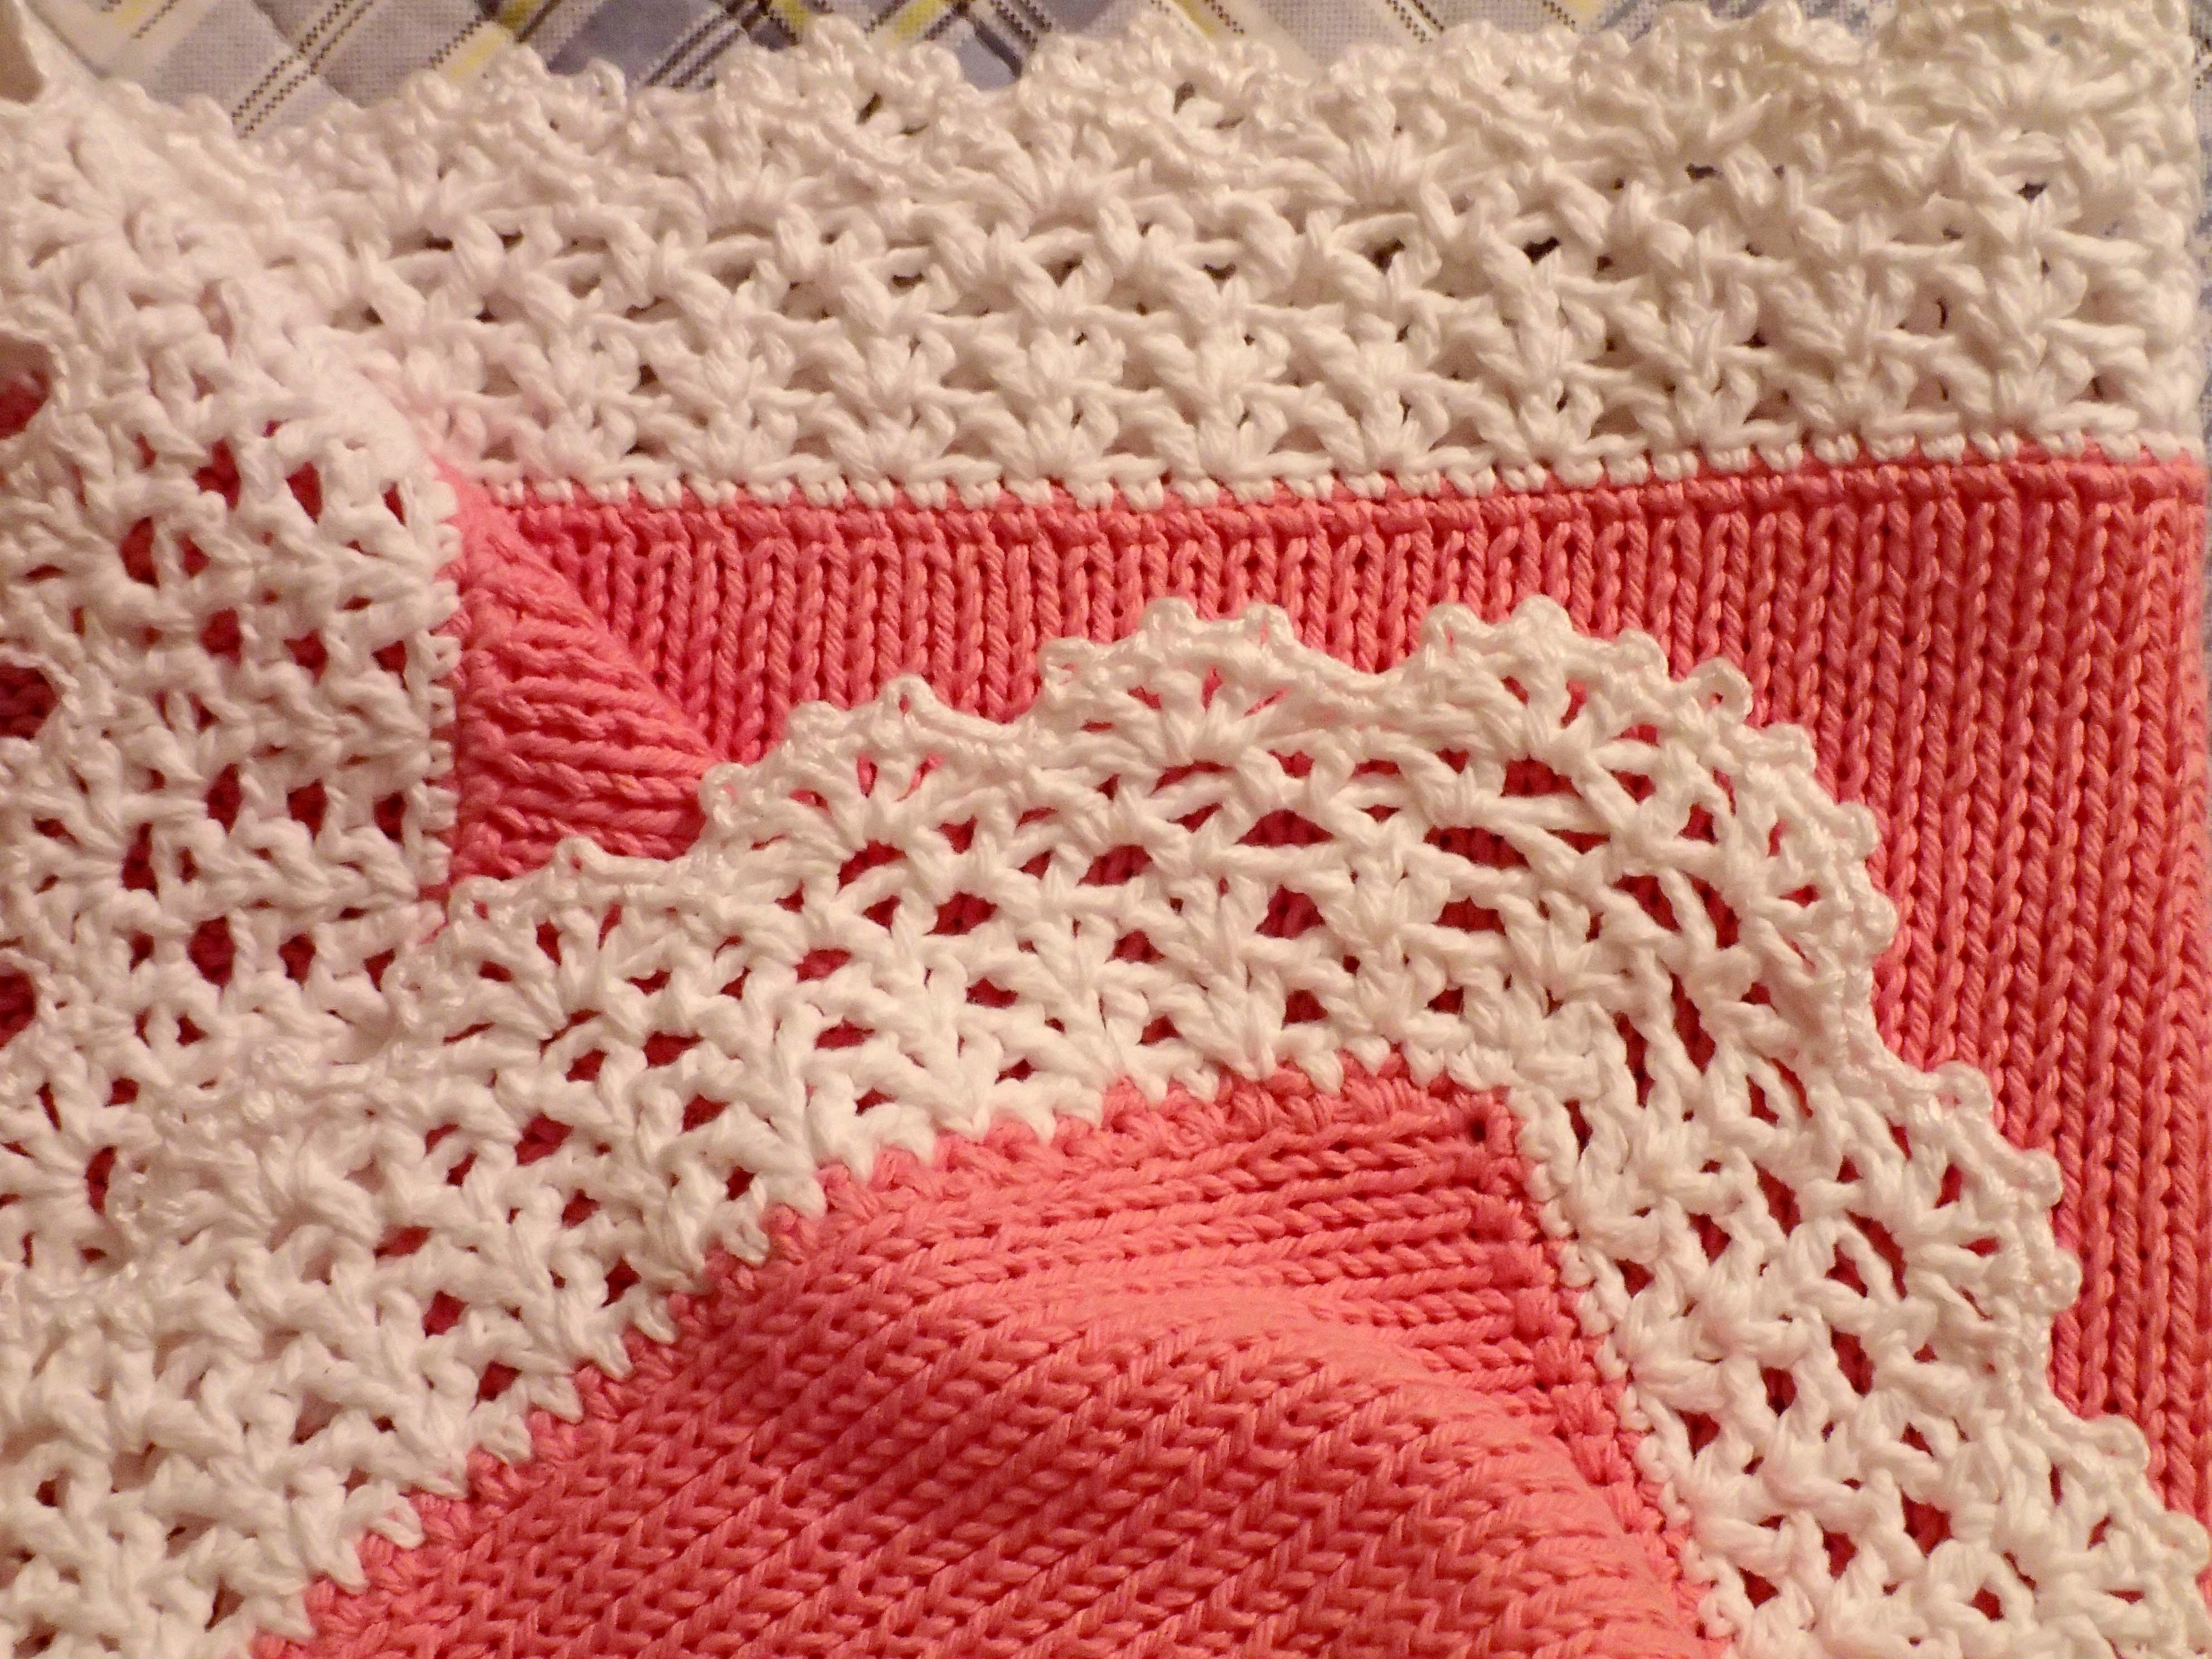 Kostenlose Foto Weiß Muster Rosa Material Häkeln Stricken